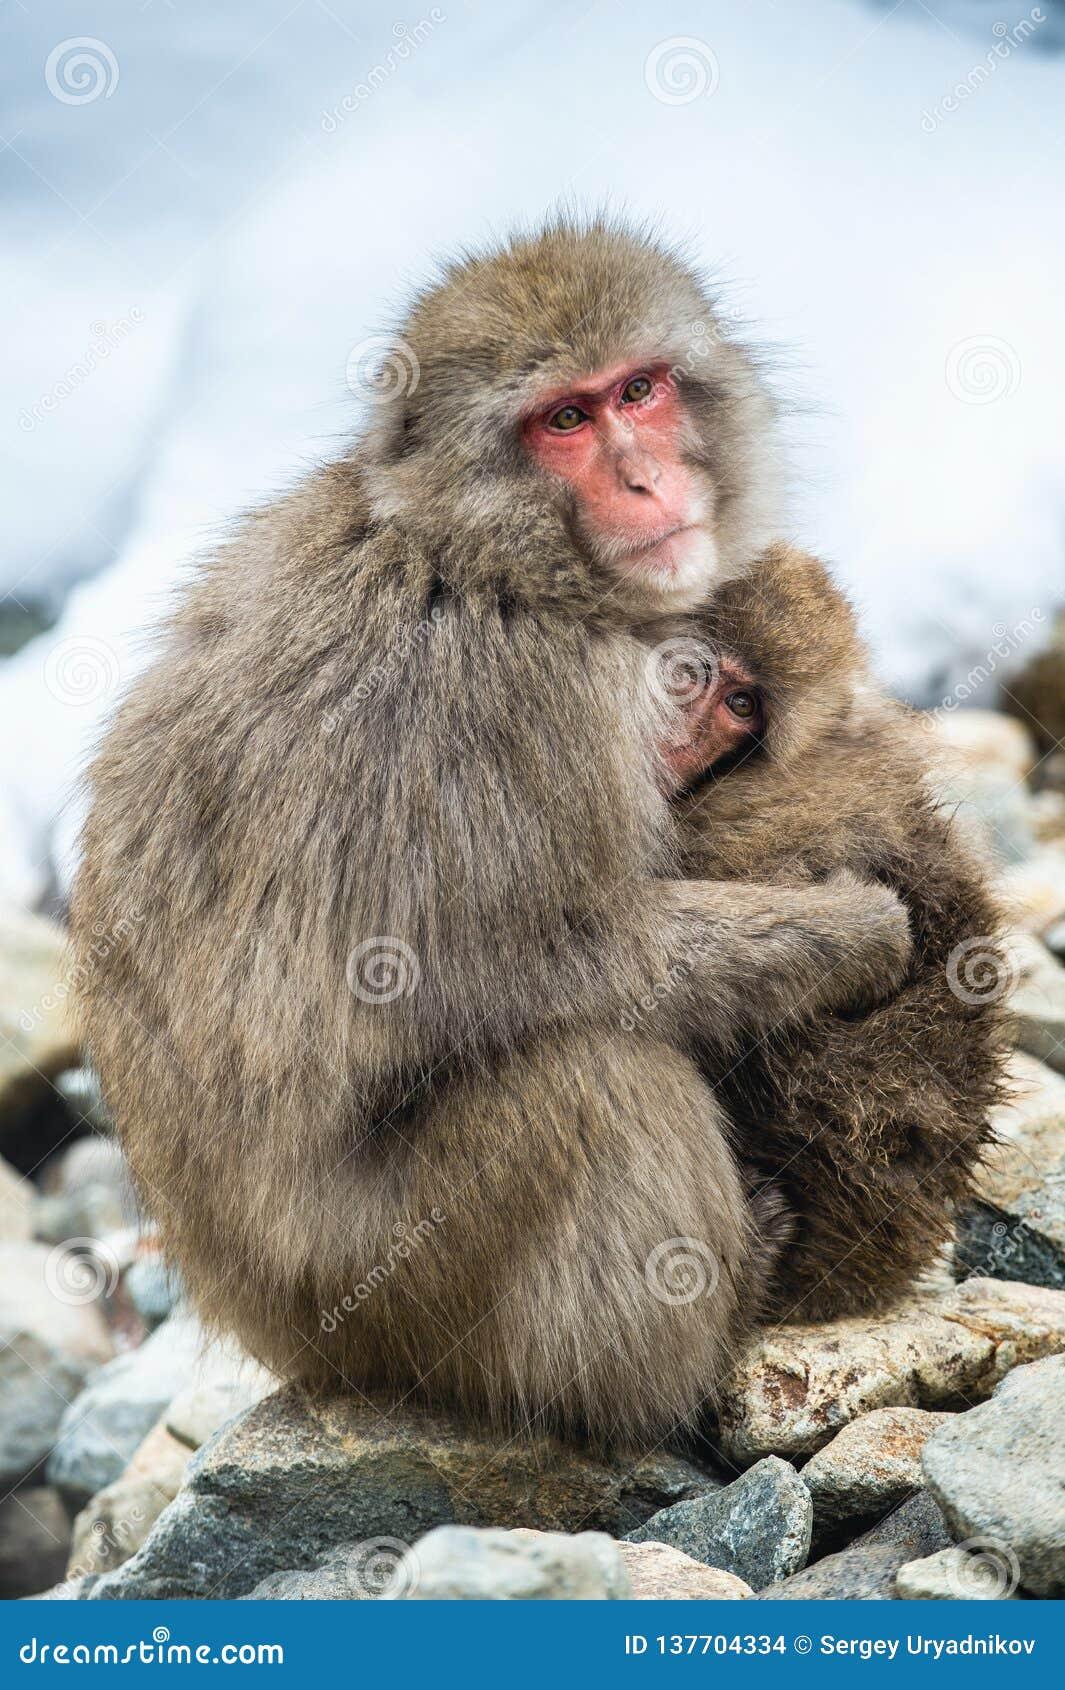 与崽的日本短尾猿在寒冷冬天天气 Jigokudani公园 长野日本 日本短尾猿科学名字: